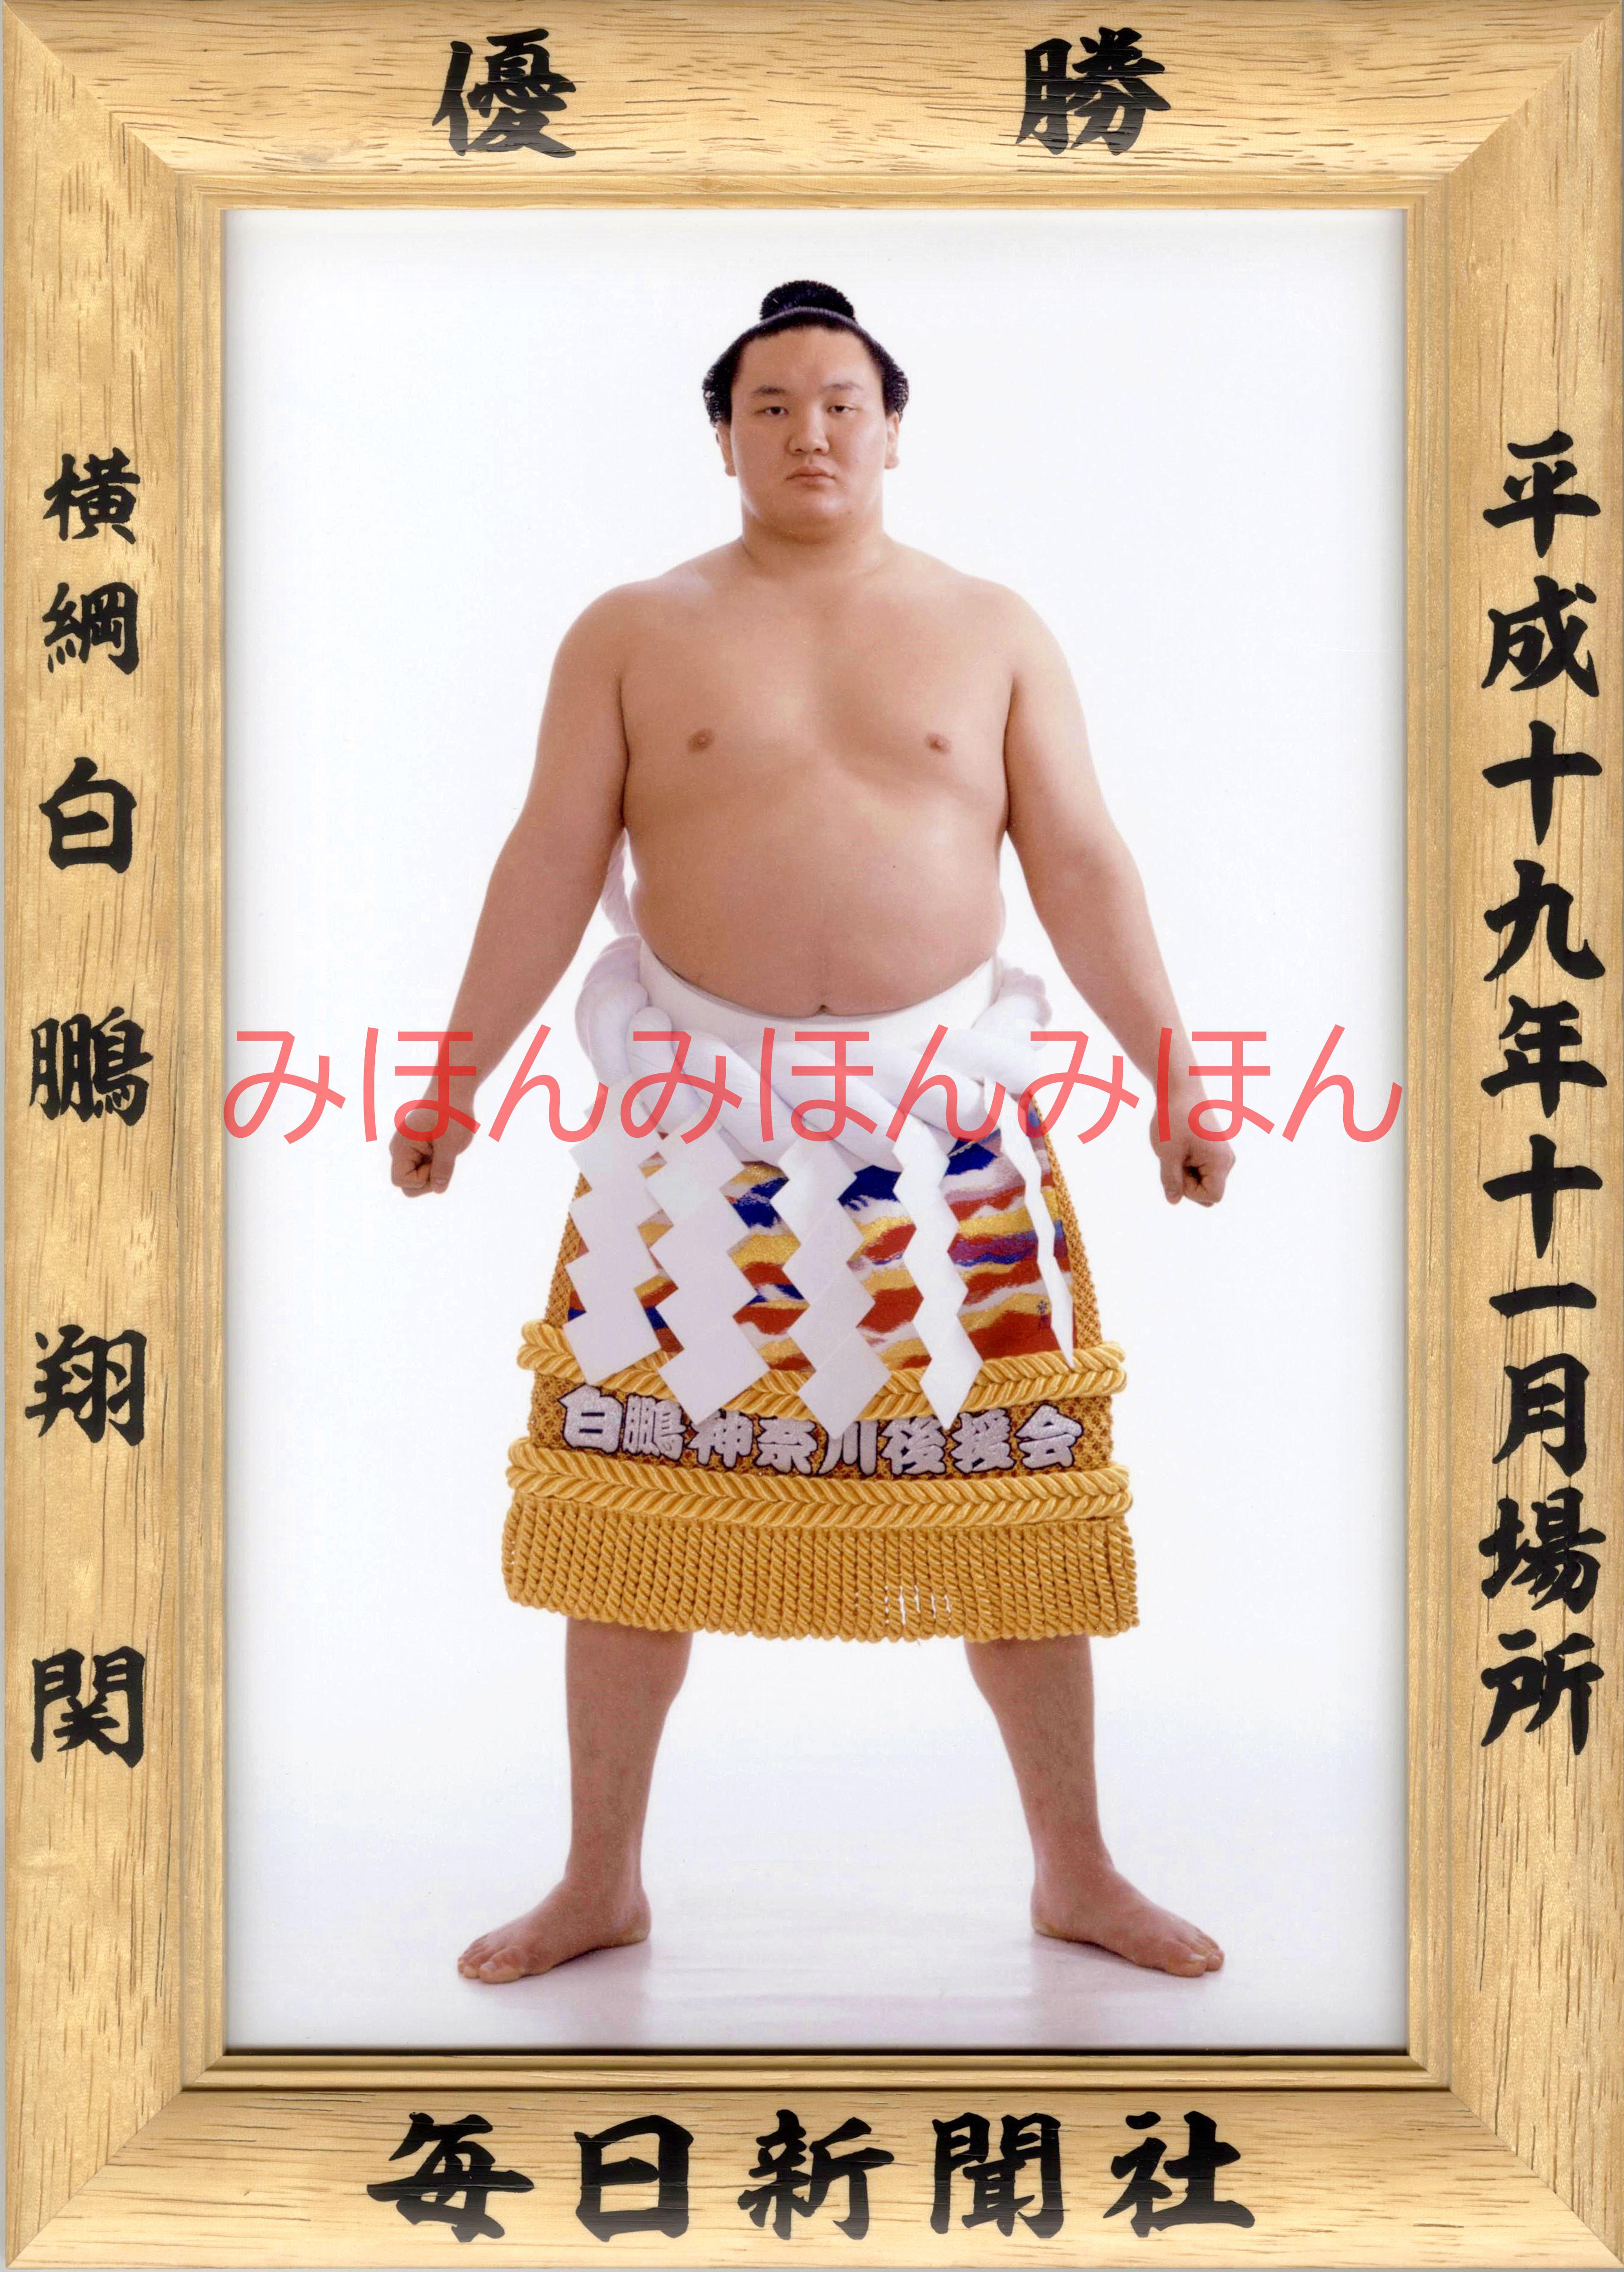 平成19年11月場所優勝 横綱 白鵬翔関(5回目の優勝)